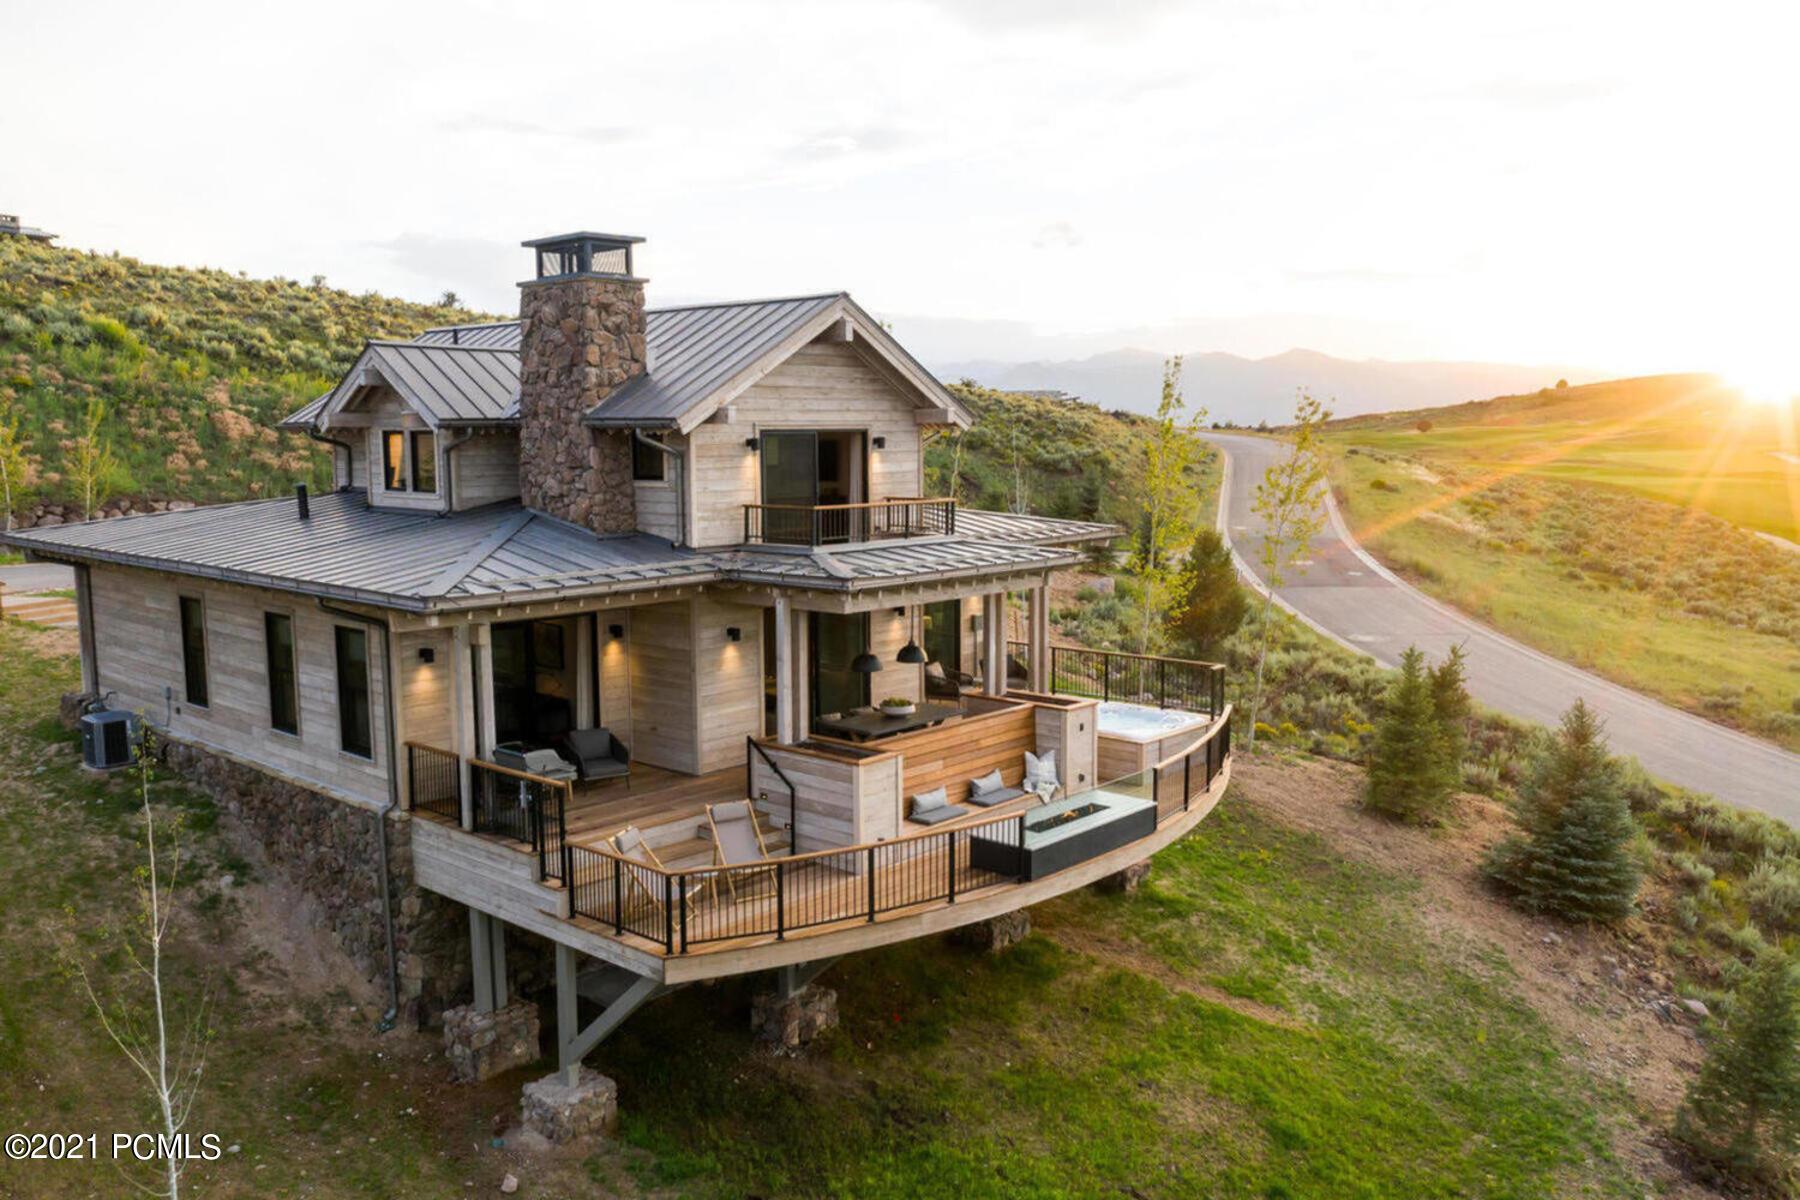 7515 Stardust Ct #315 E, 3.29, Heber City, Utah 84032, 3 Bedrooms Bedrooms, ,3 BathroomsBathrooms,Fractional Interest,For Sale,Stardust Ct #315 E, 3.29,12104019